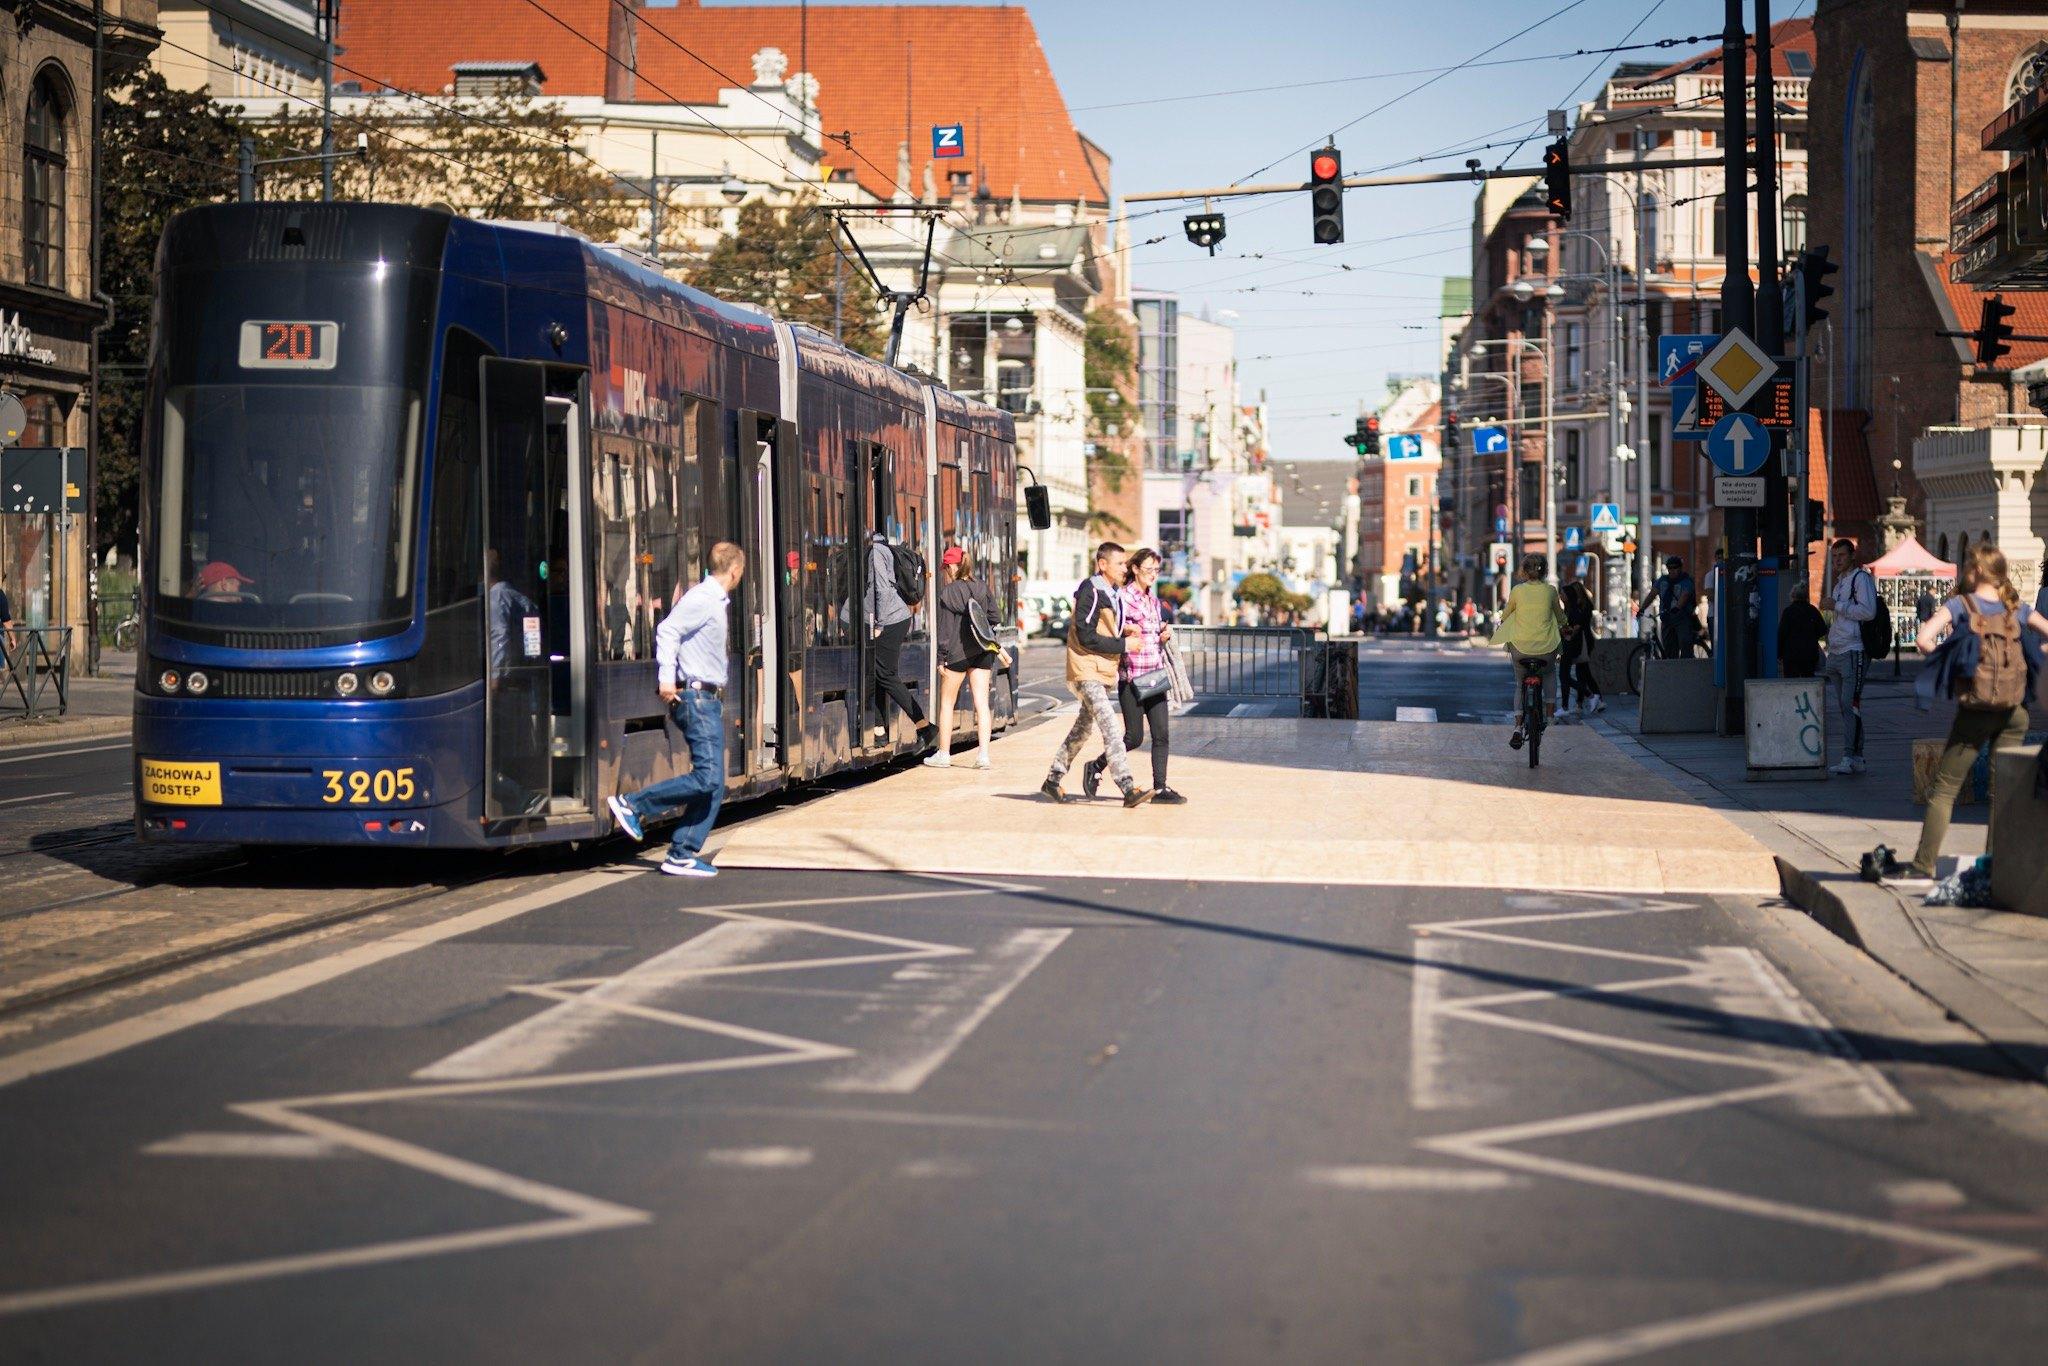 plac Kościuszki, Żywa Ulica we Wrocławiu, rok 2019, fot. Barbara Celebucka